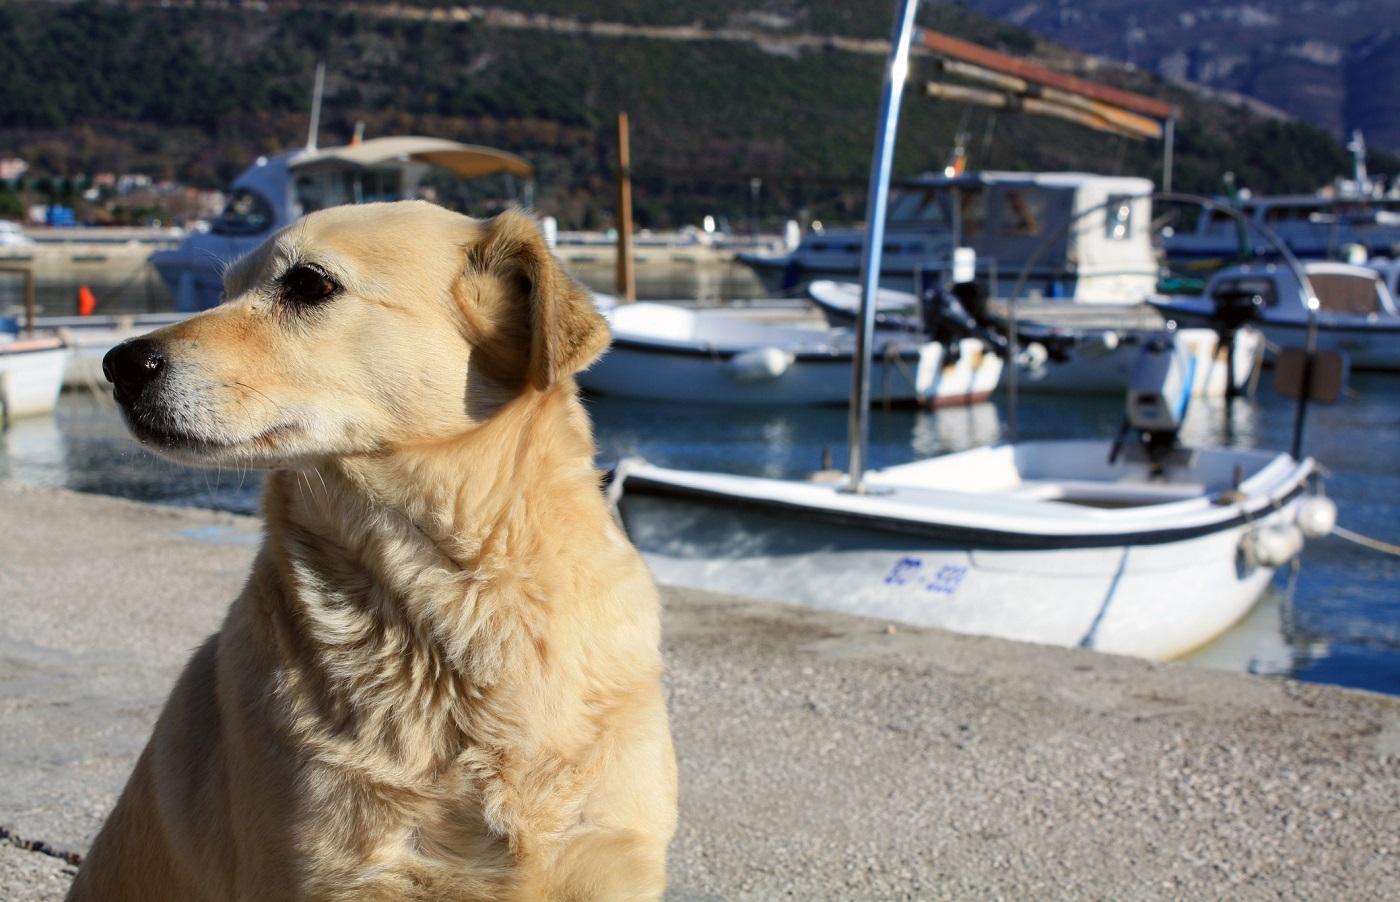 North Carolina pet friendly hotels - Dog at the dock